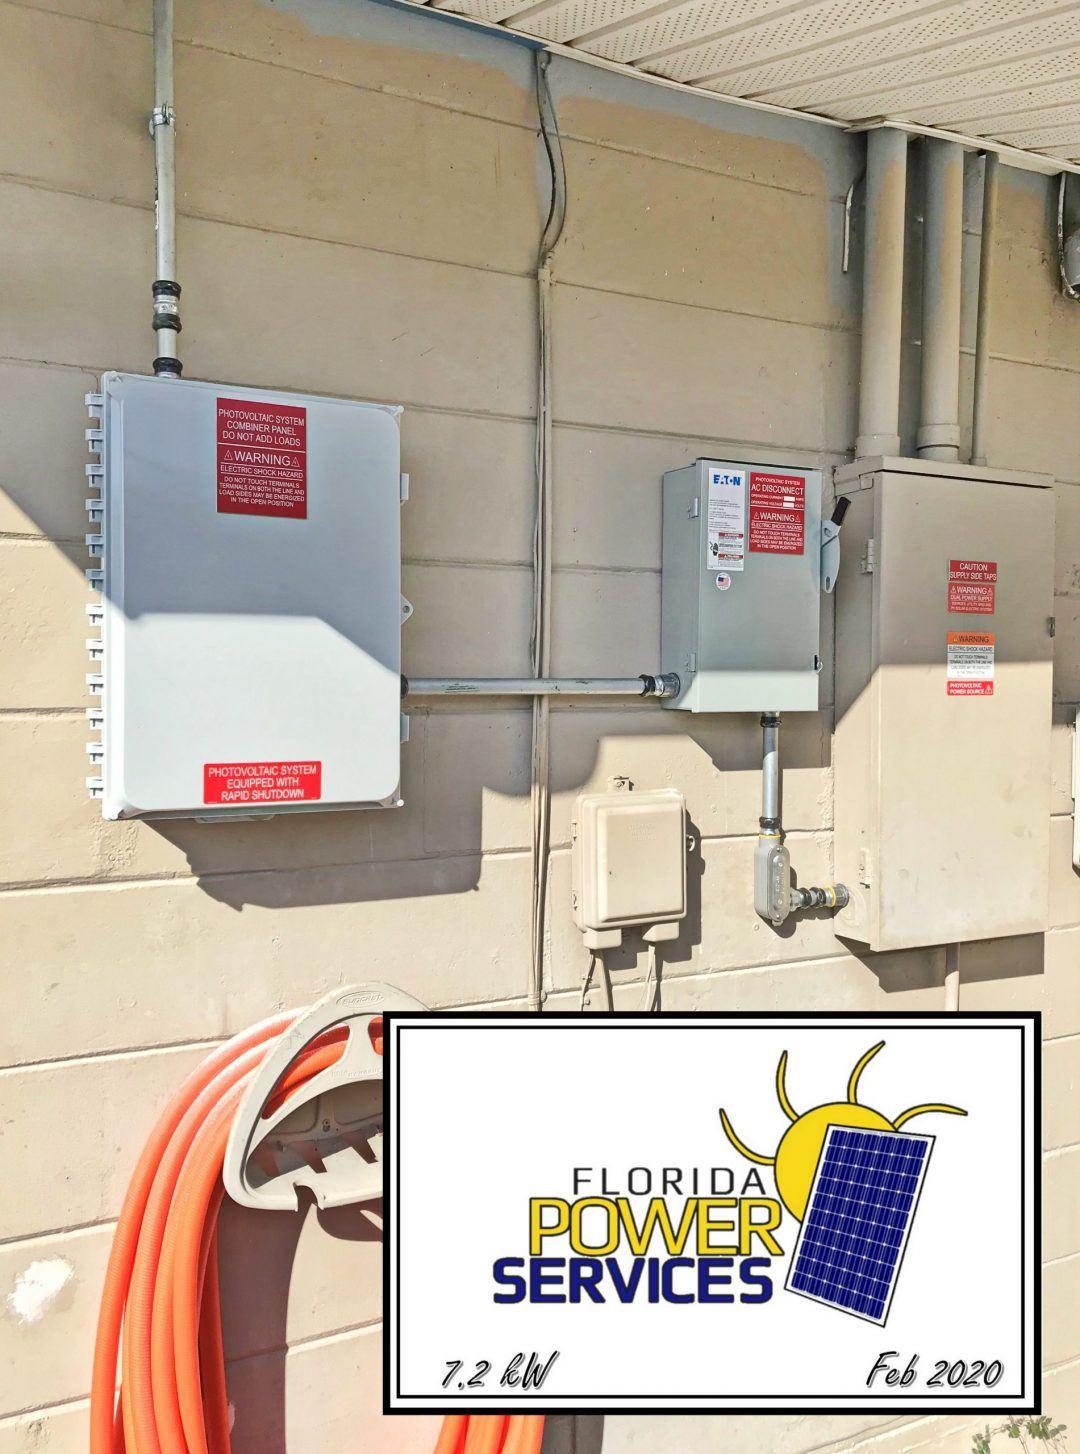 7.2 kW Micro Inverter Residential Solar